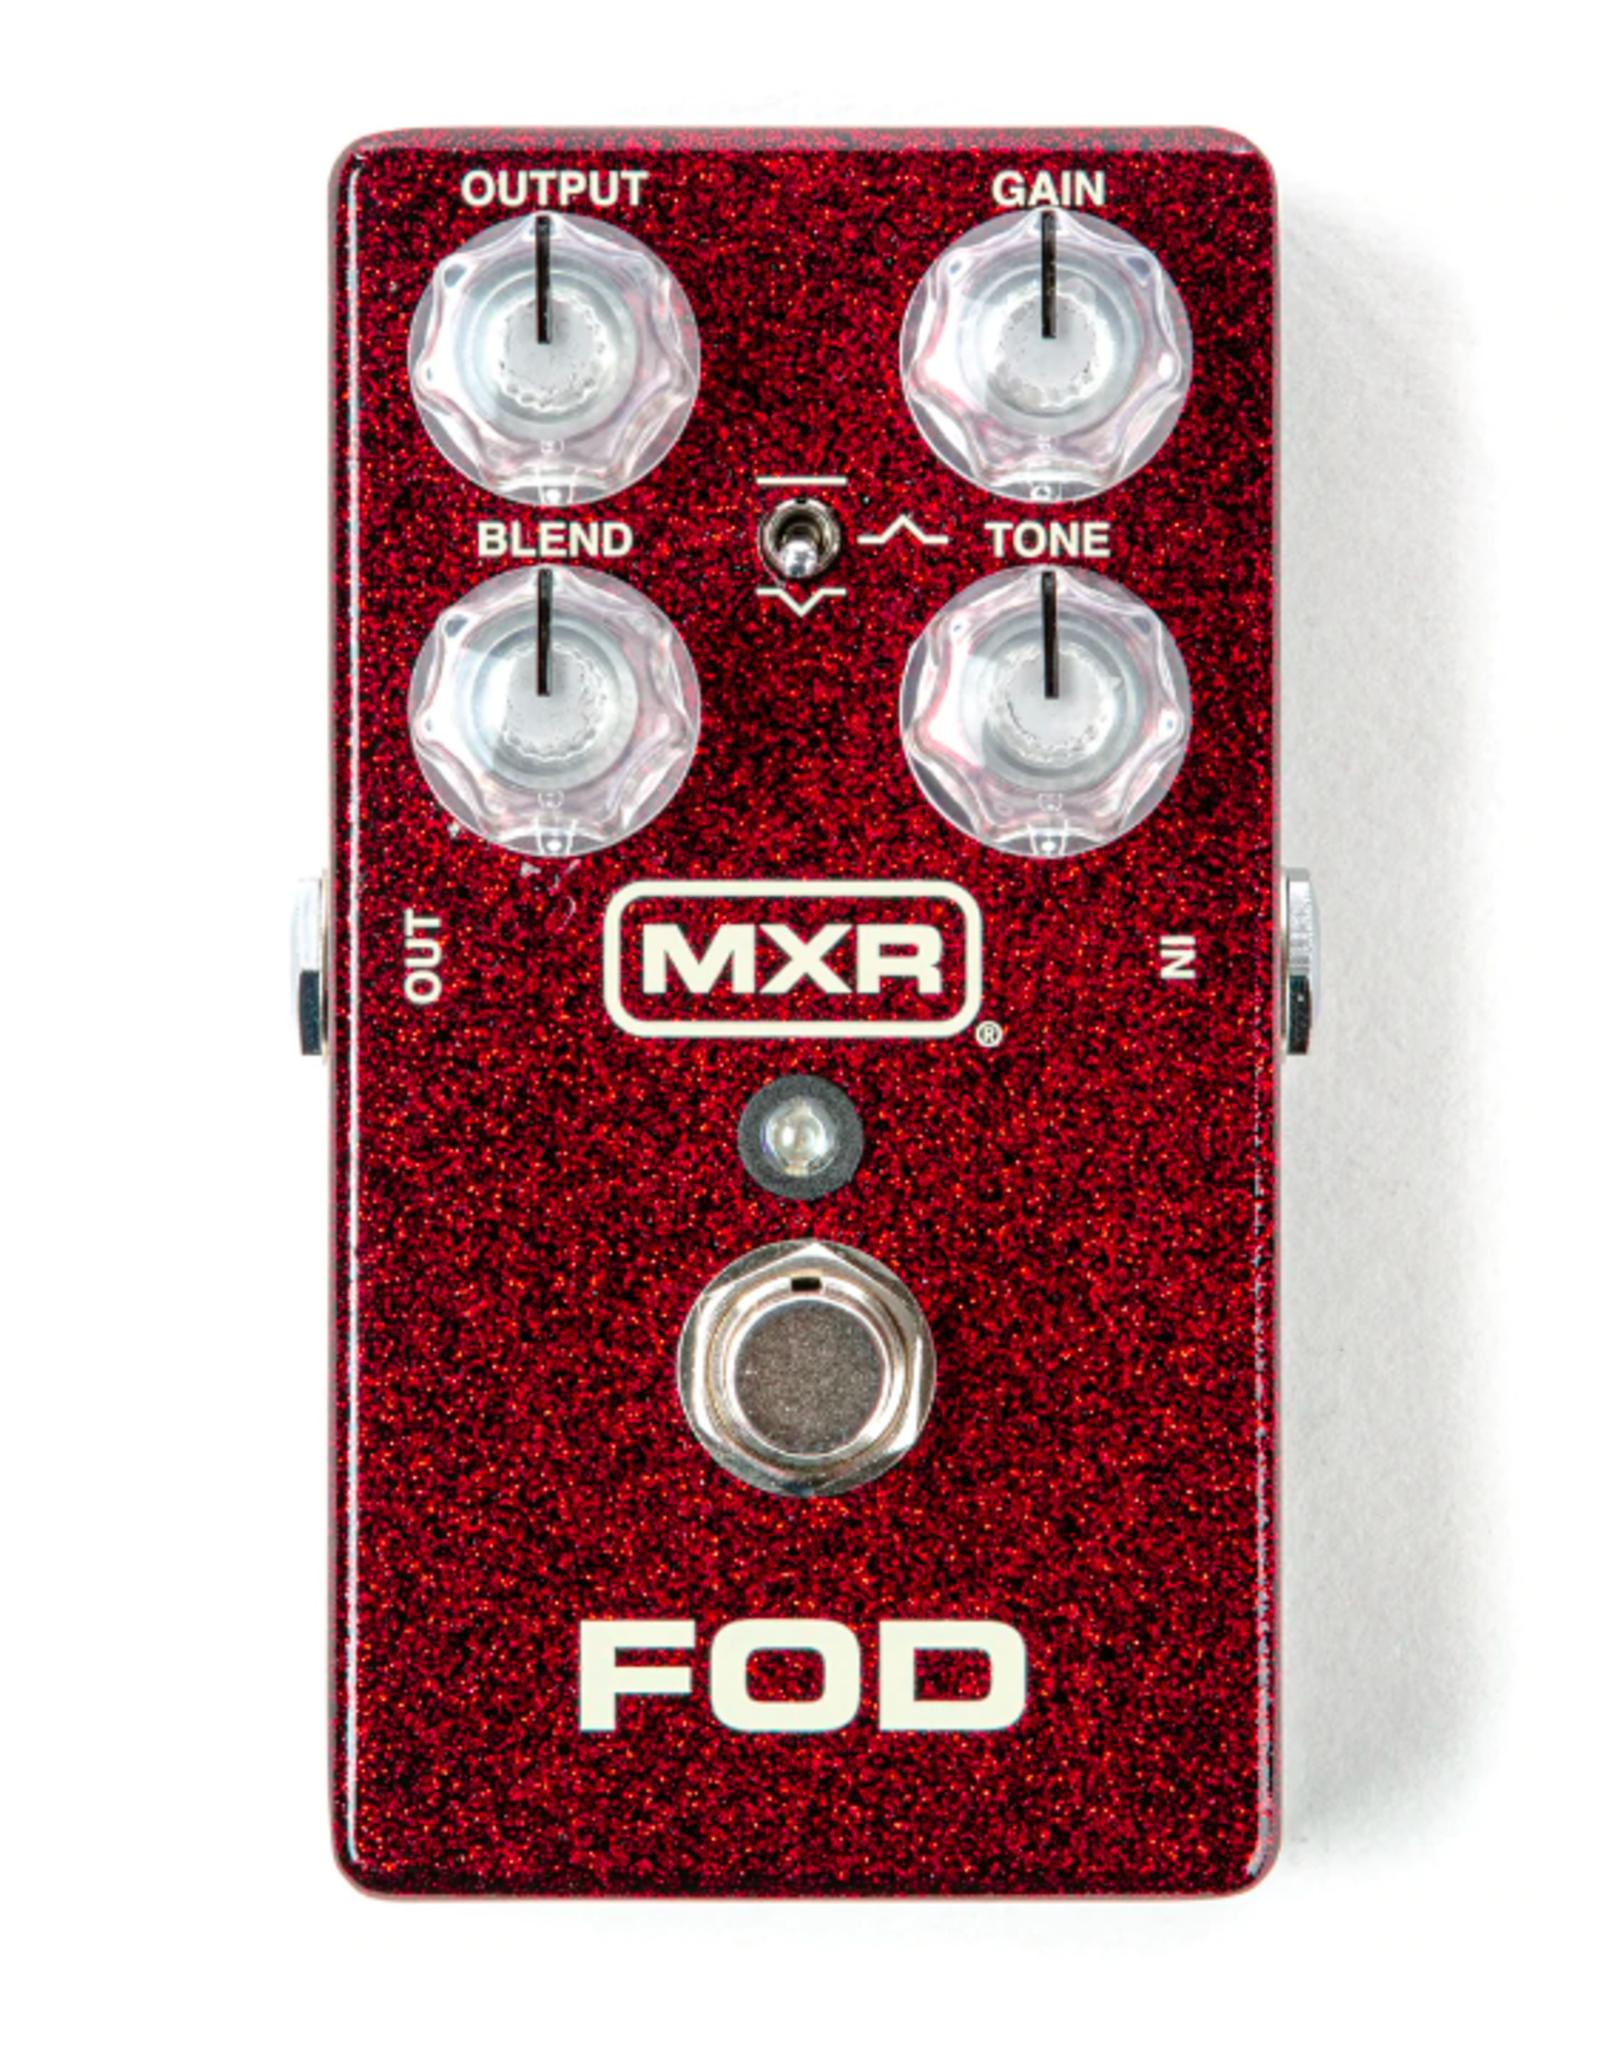 MXR MXR FOD Drive